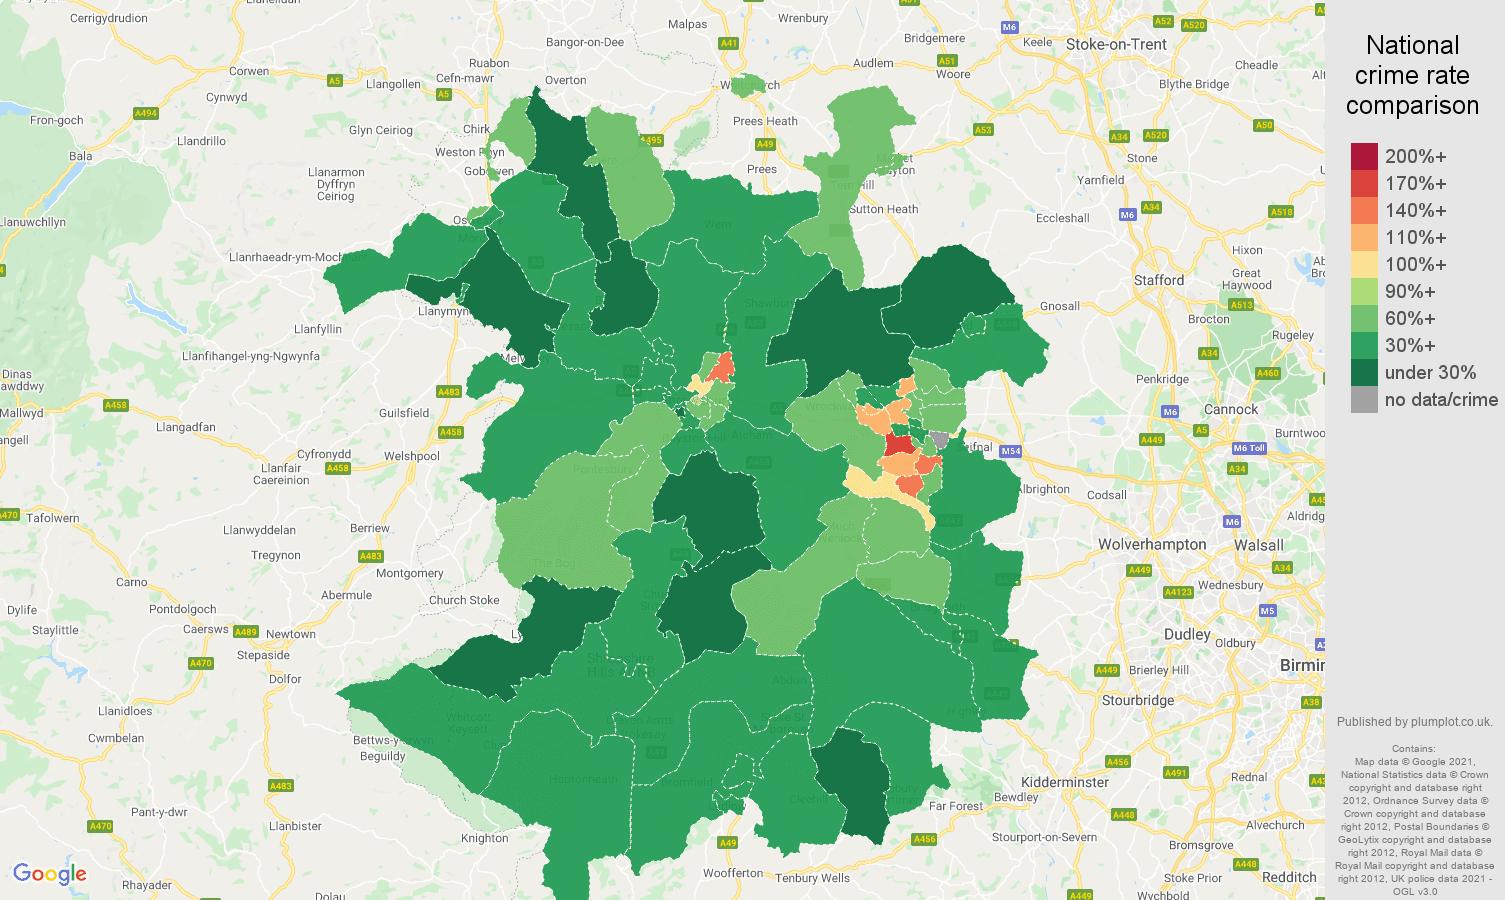 Shropshire antisocial behaviour crime rate comparison map